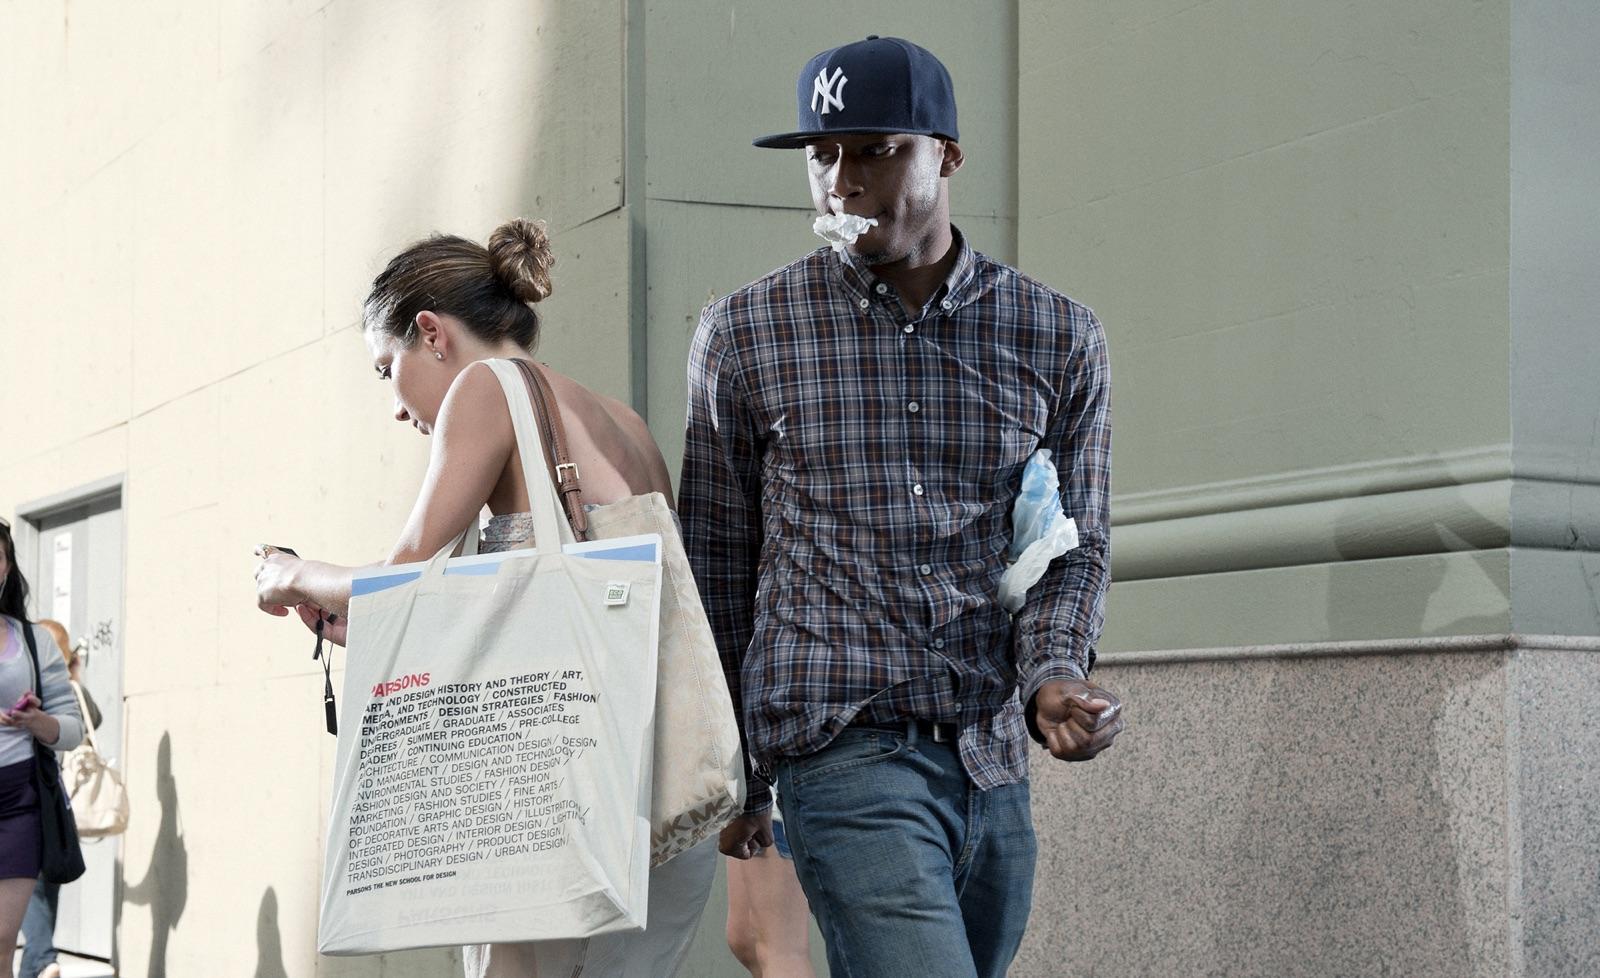 foto van vrouw op straat op telefoon kijkend en man die haar passeert heeft zakdoekje in zijn mond geklemd en kijkt over haar rug met haar mee terwijl hij wel doorloopt